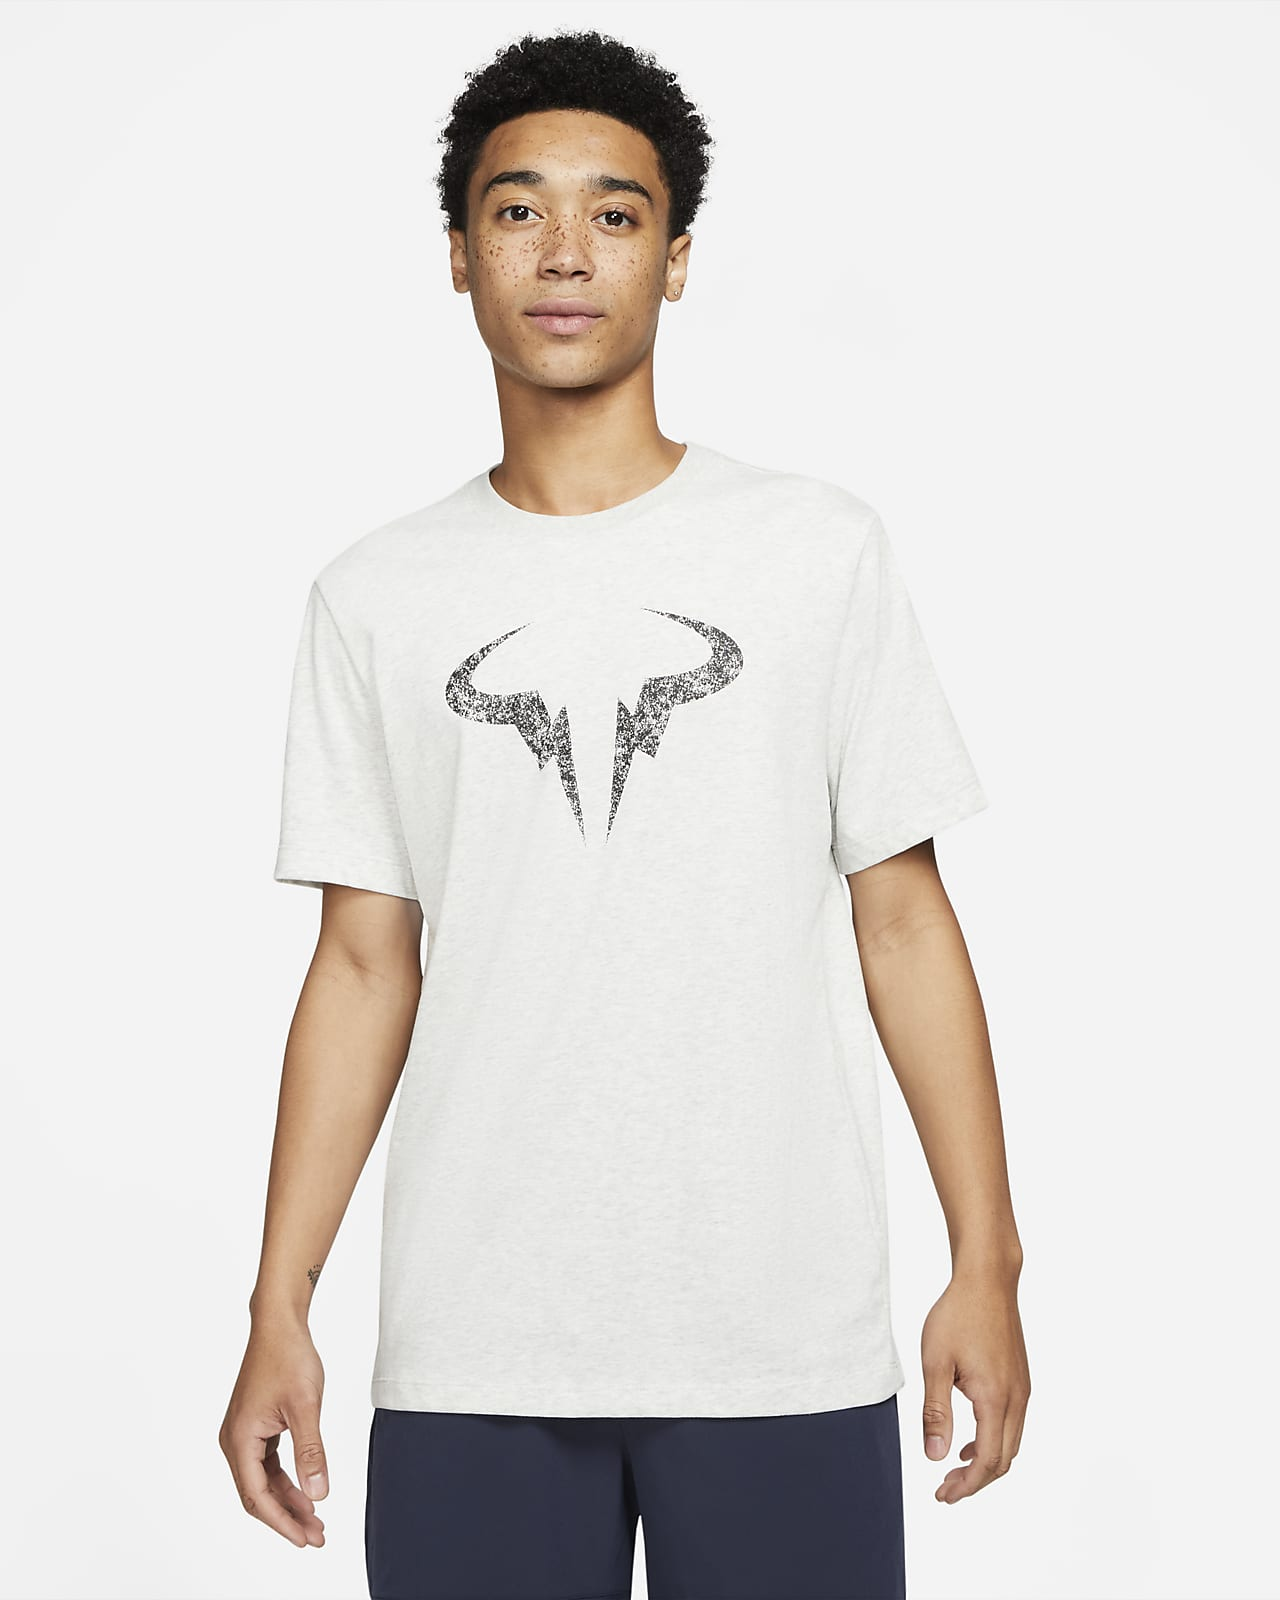 Rafa Herren-Tennis-T-Shirt